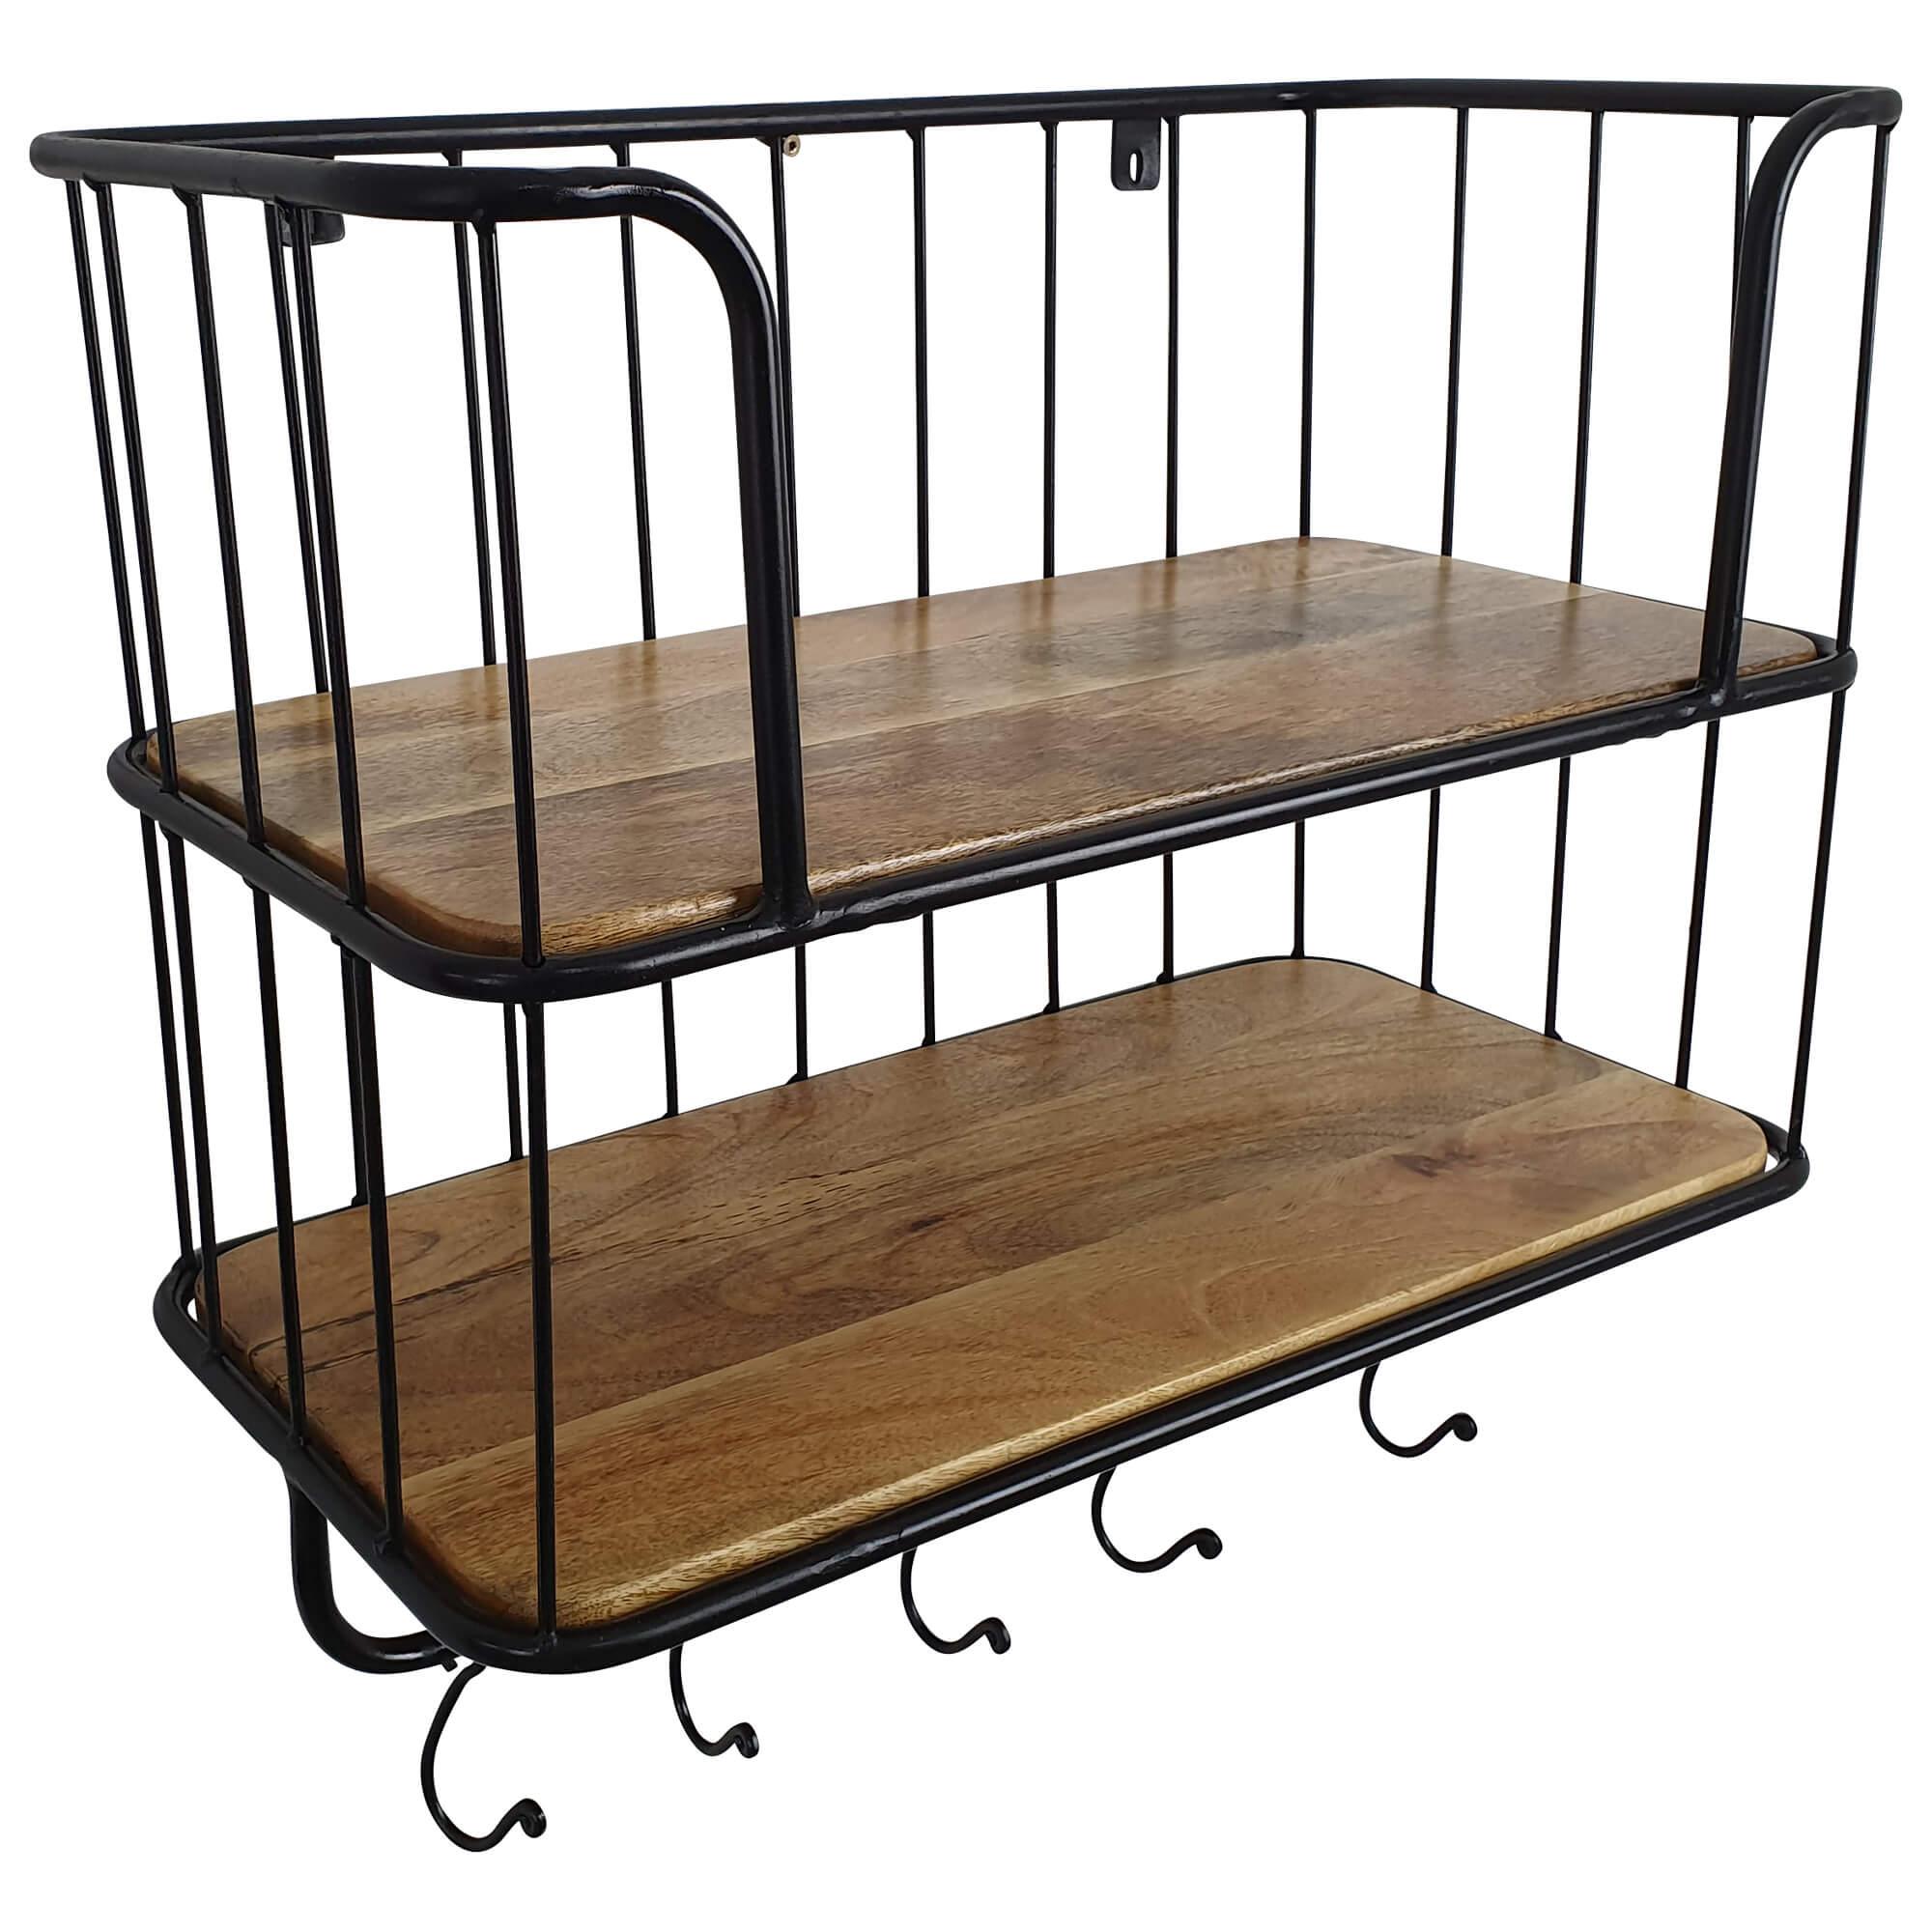 Wandregal Hangeregal Aus Holz Und Metall 2 Etagen Mit 5 Haken